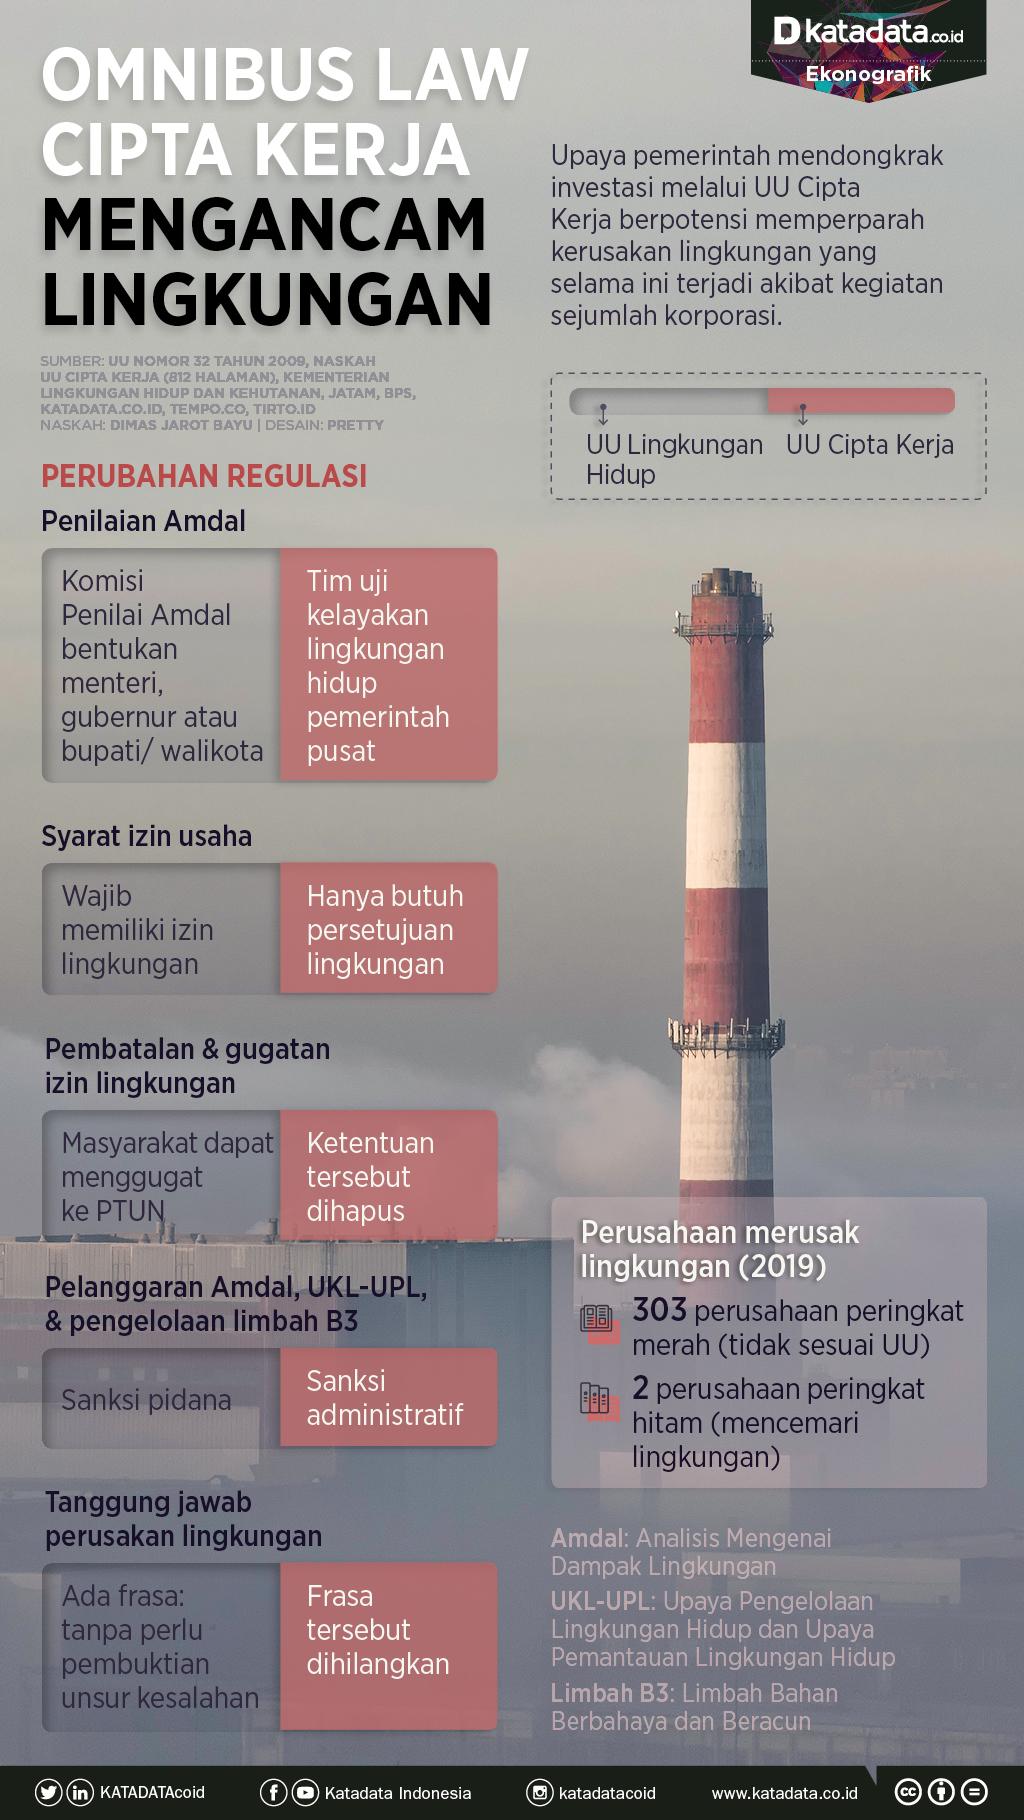 Infografik_Omnibus law cipta kerja mengancam lingkungan